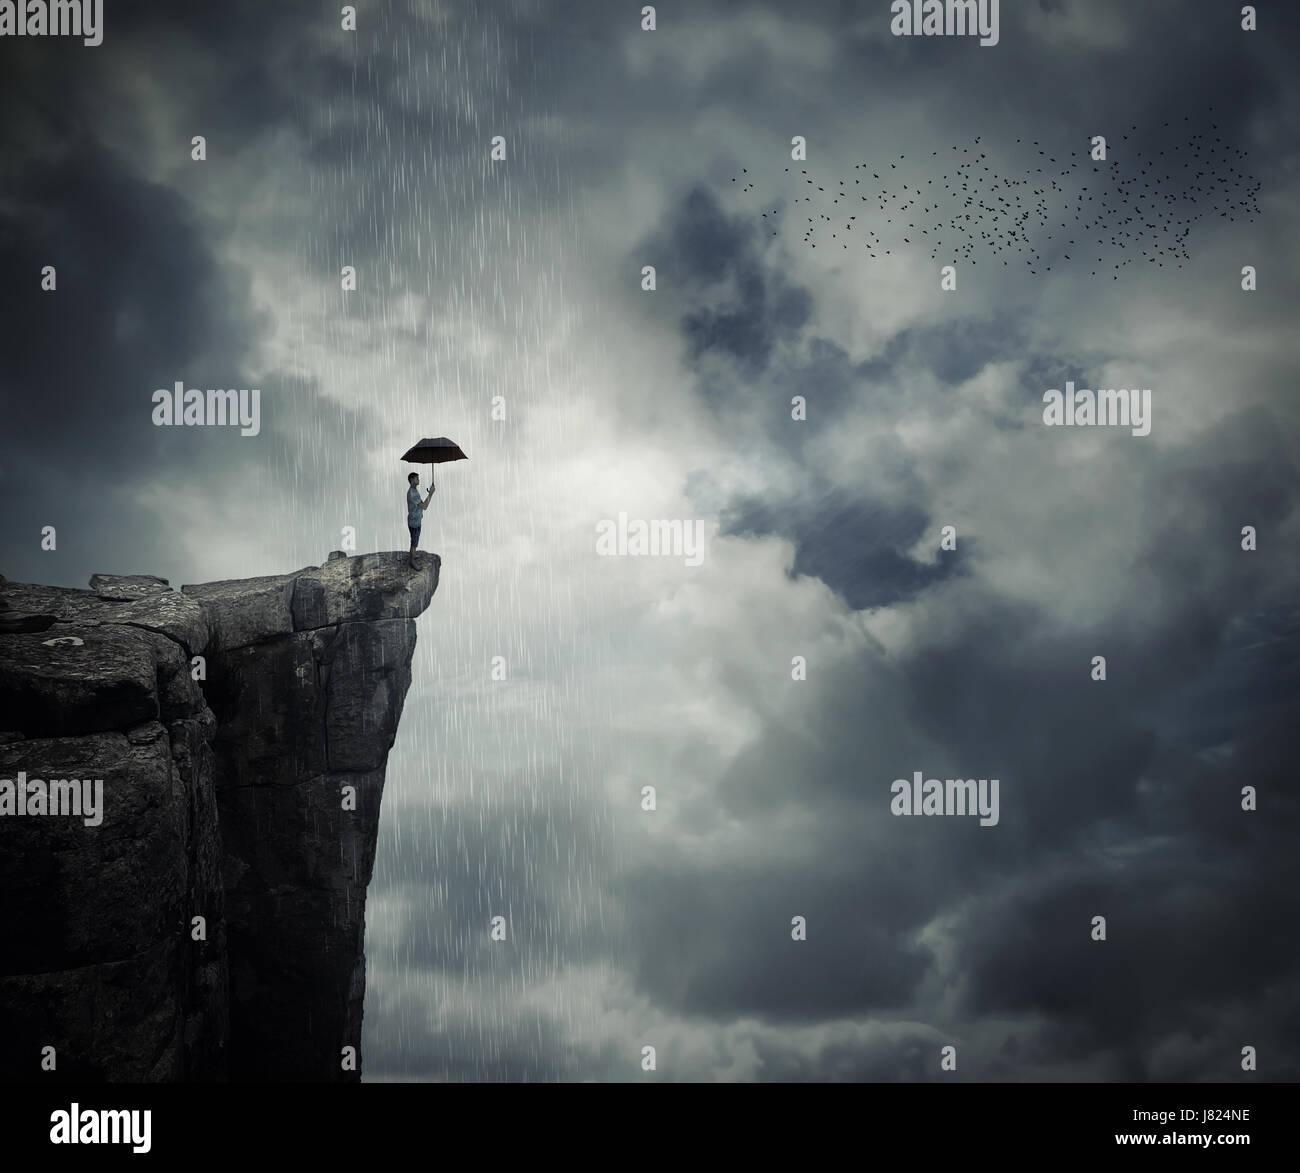 Uomo con un portaombrelli sul bordo della scogliera, chiamando la pioggia. Luogo misterioso sopra le nuvole. Immagini Stock